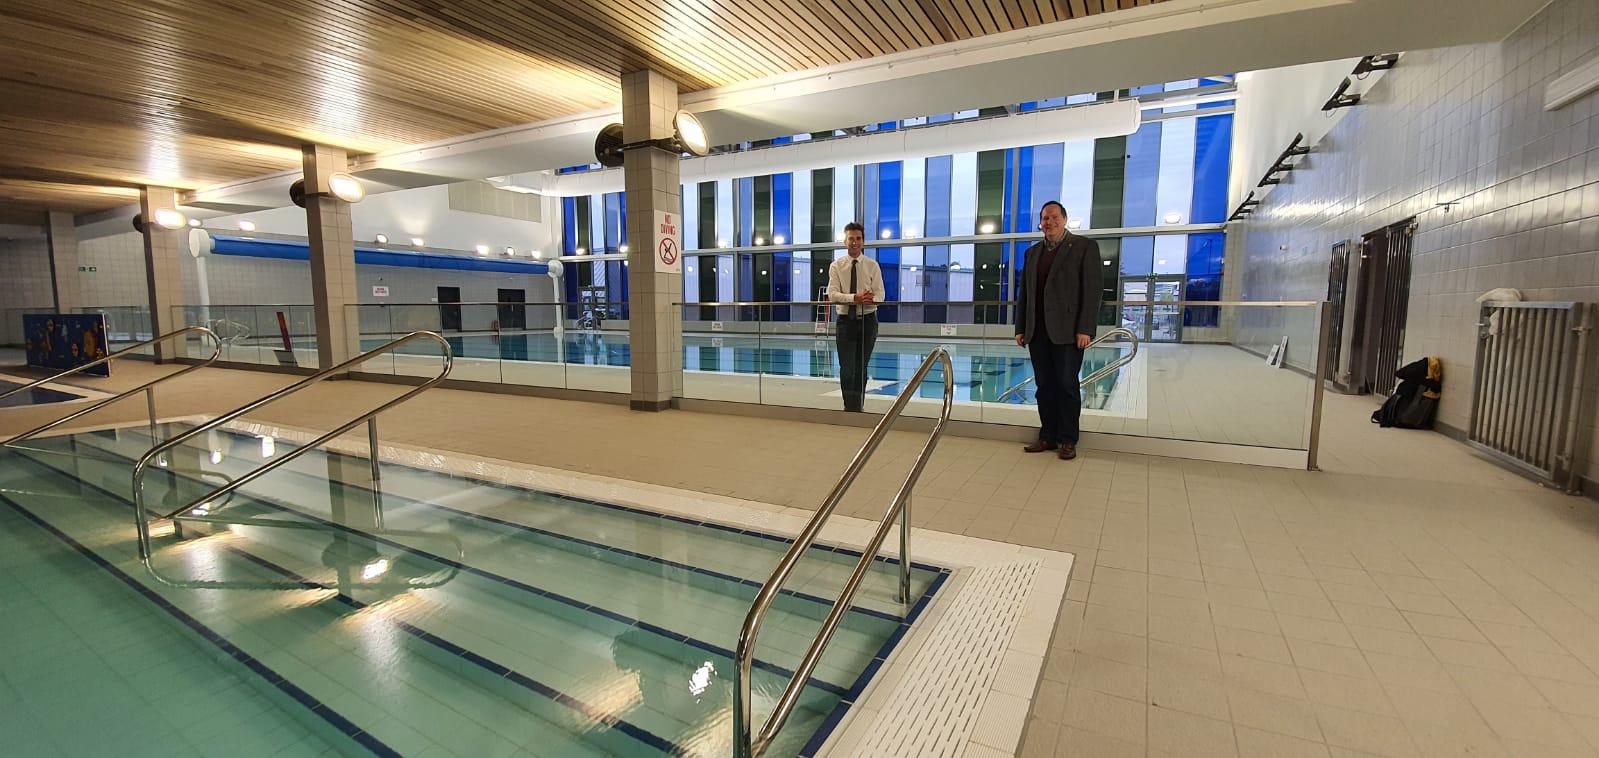 pool_stadium.jpg